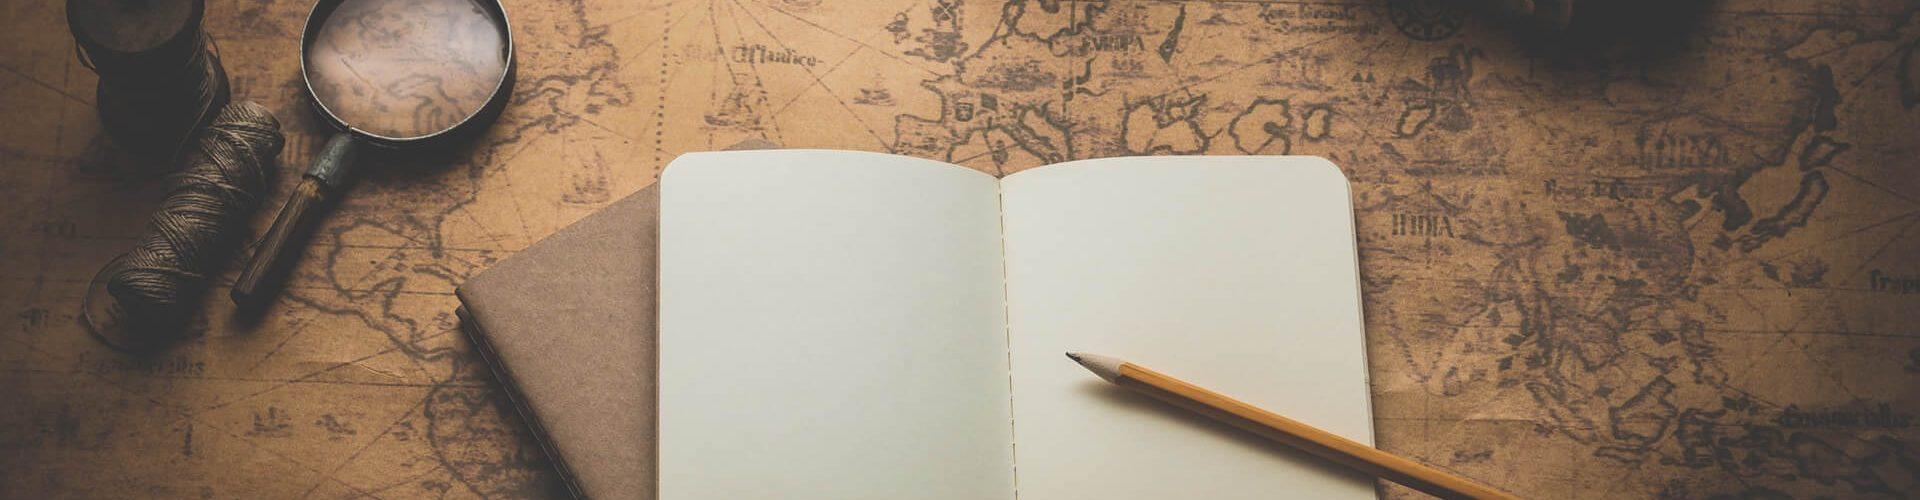 Unternehmensrecherche: Spionagerequisiten auf einer Landkarte